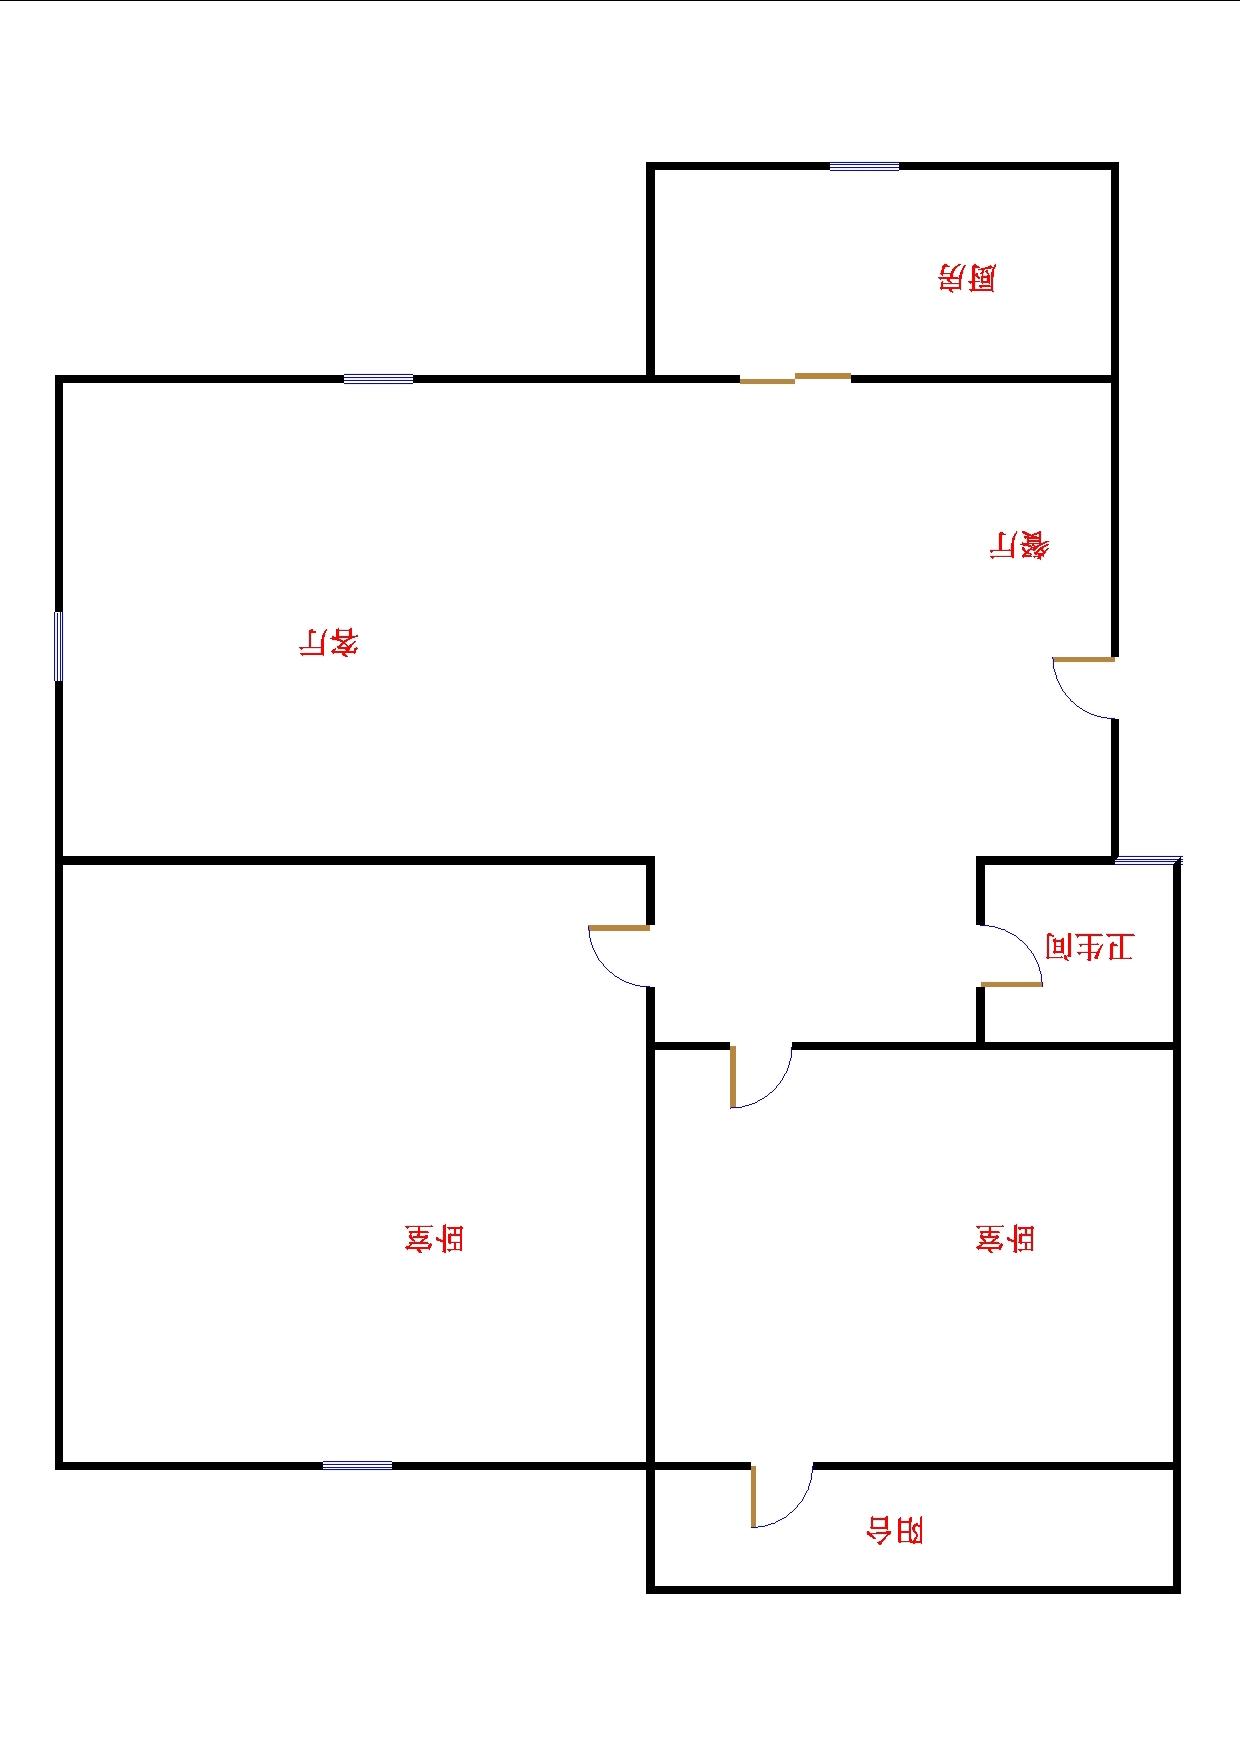 嘉诚尚东 2室2厅  简装 135万